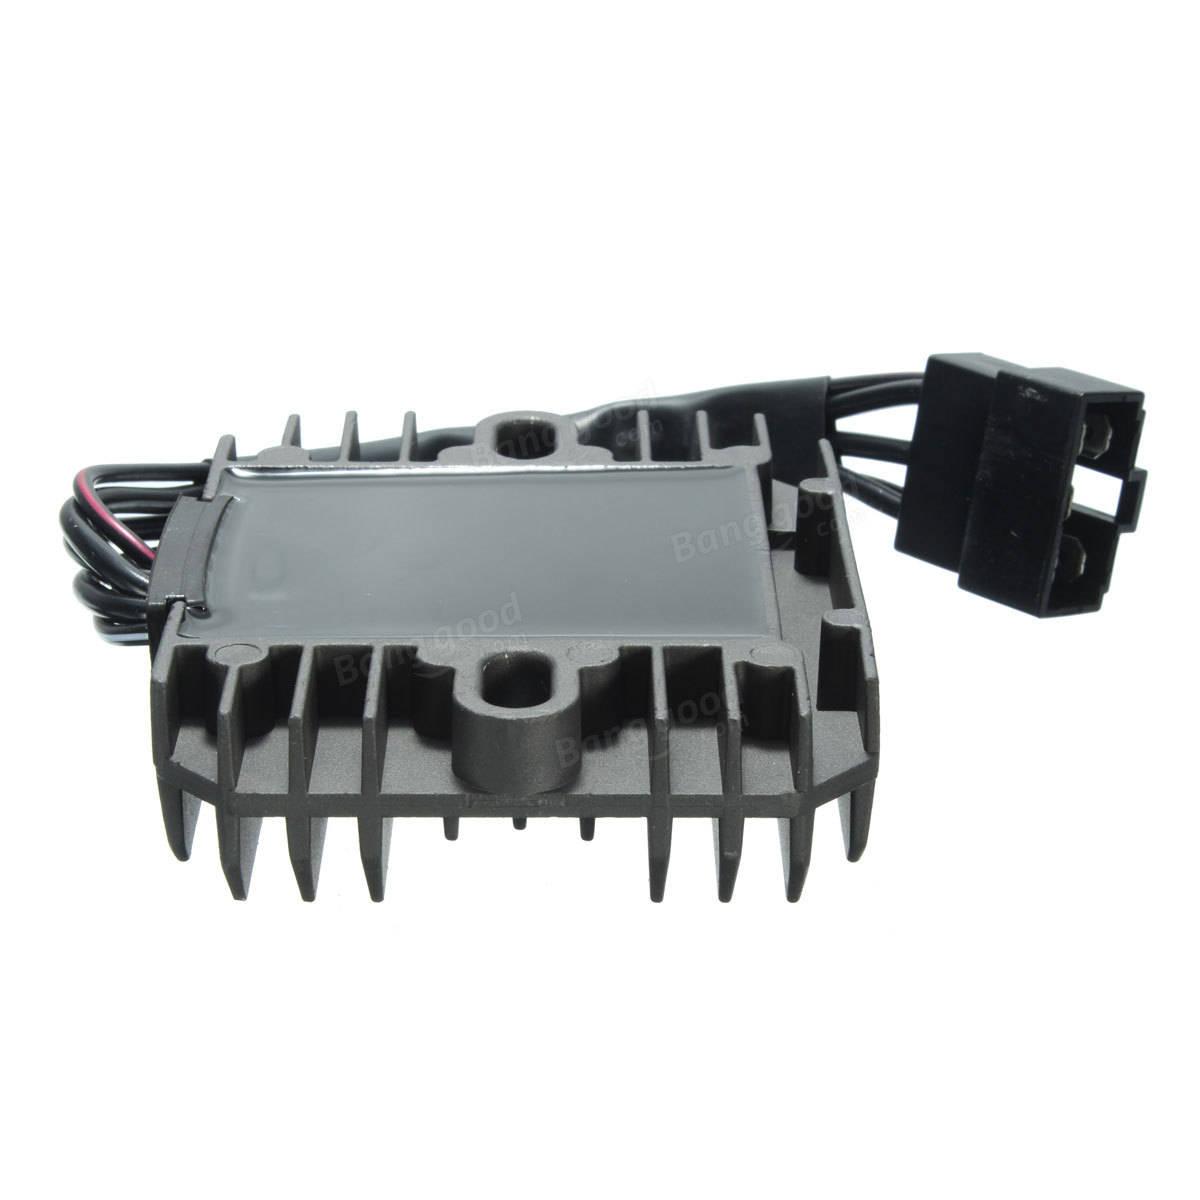 1999 Suzuki Intruder Fuse Box Location Swift Auto Wiring Diagram C50t 1998 Alternator